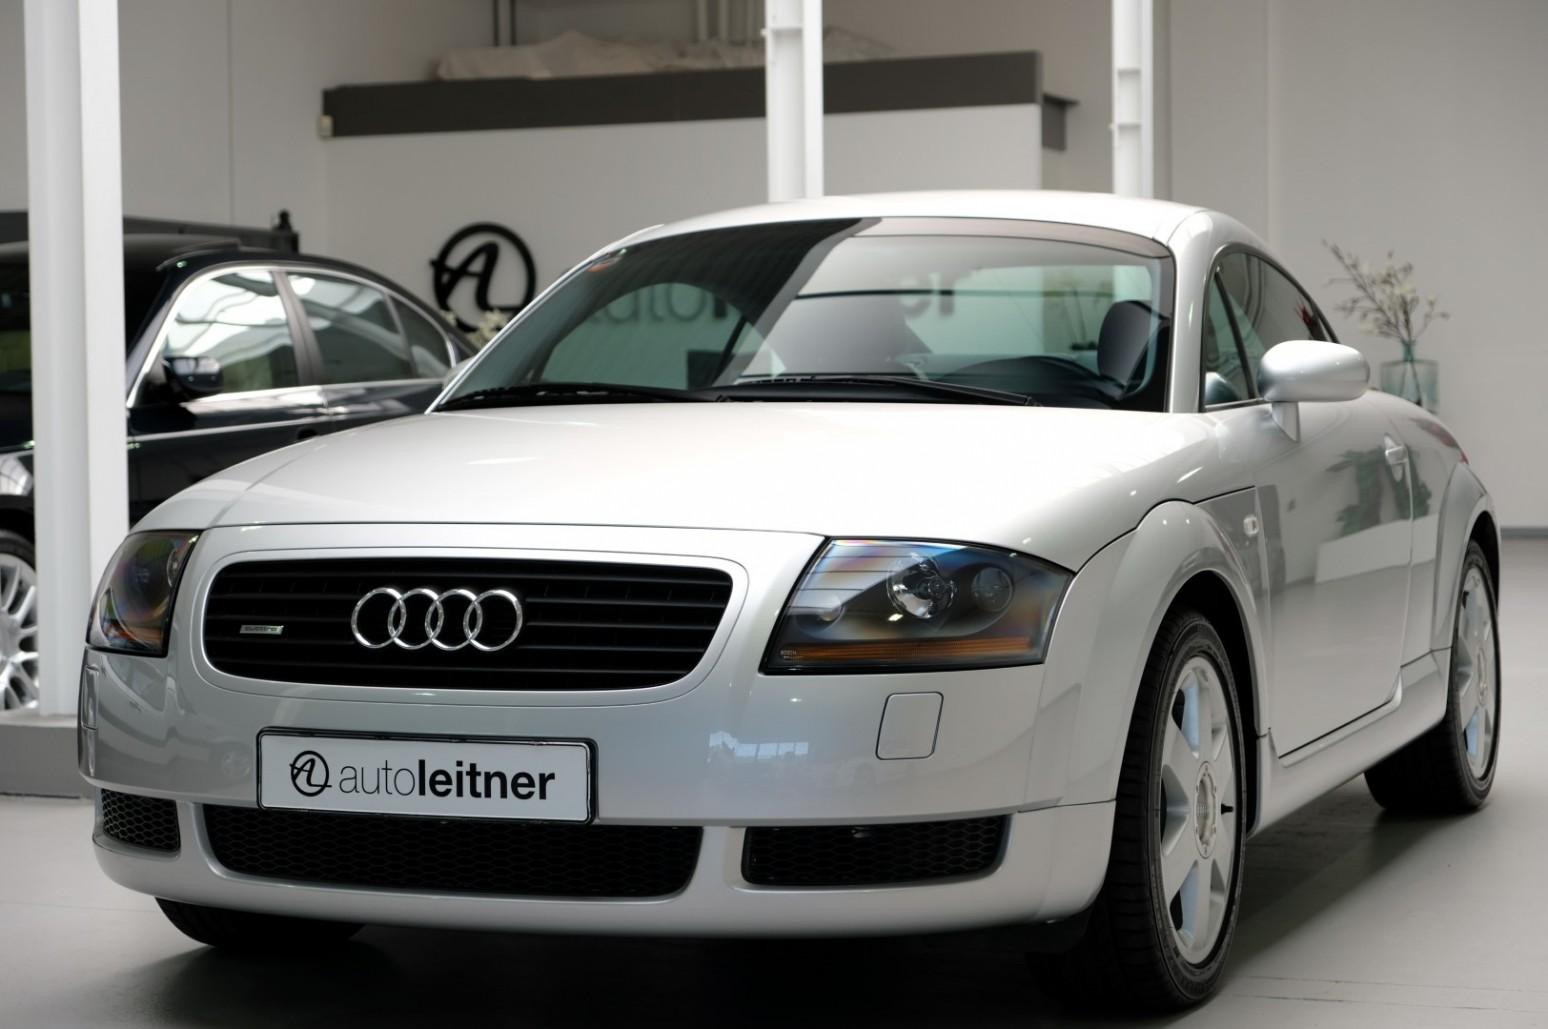 2000 Audi TT Coupe 1,8 T quattro